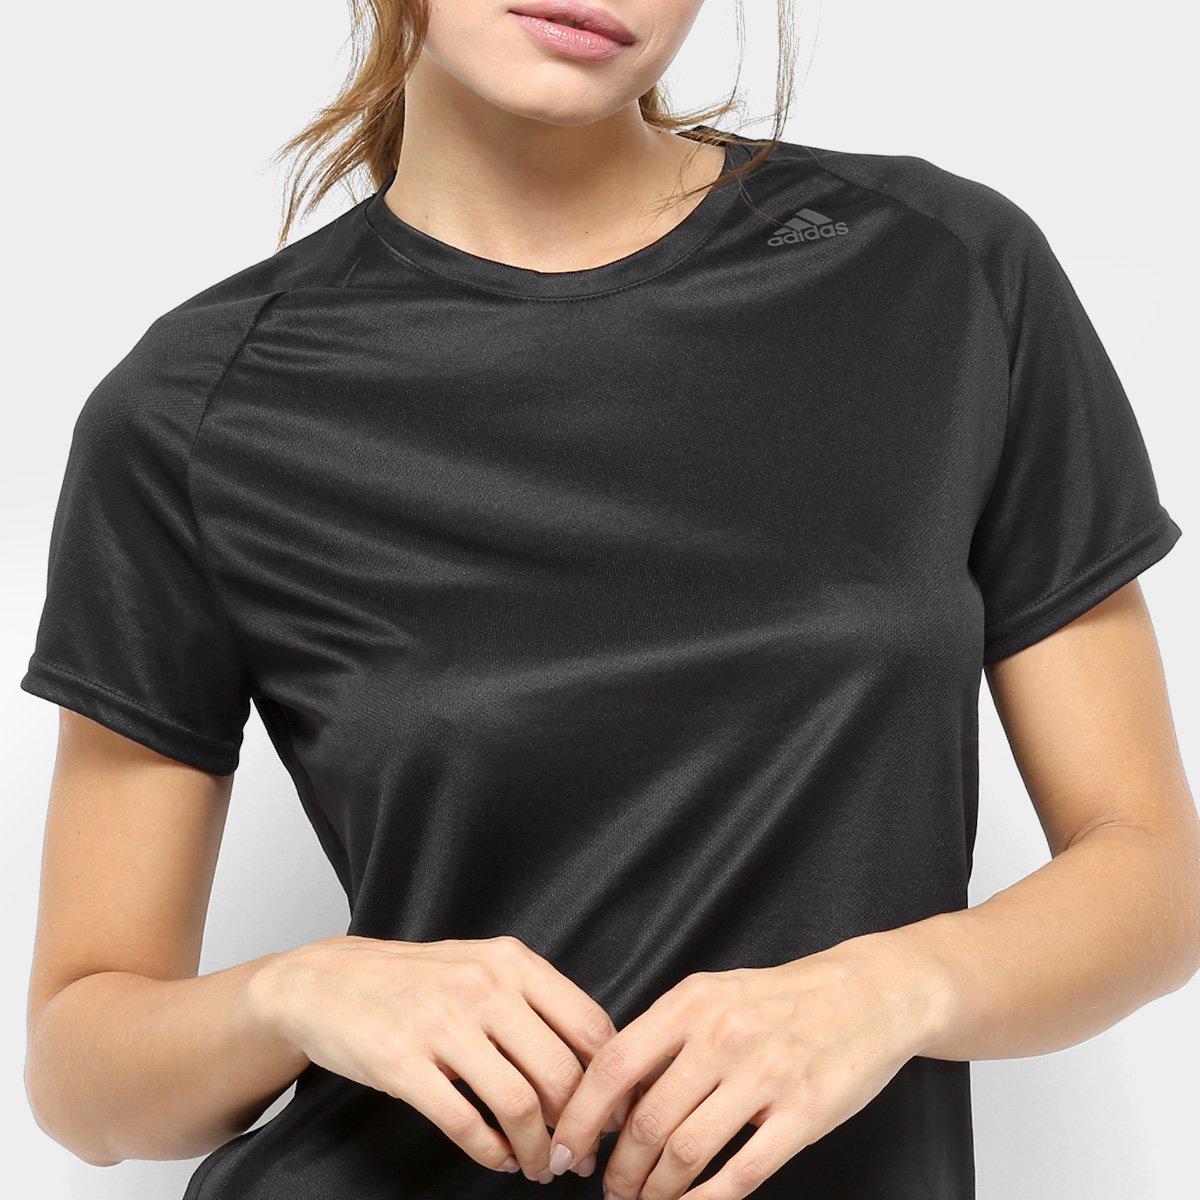 Feminina Camiseta D2M Preto Lose Adidas Camiseta Adidas fawSqw